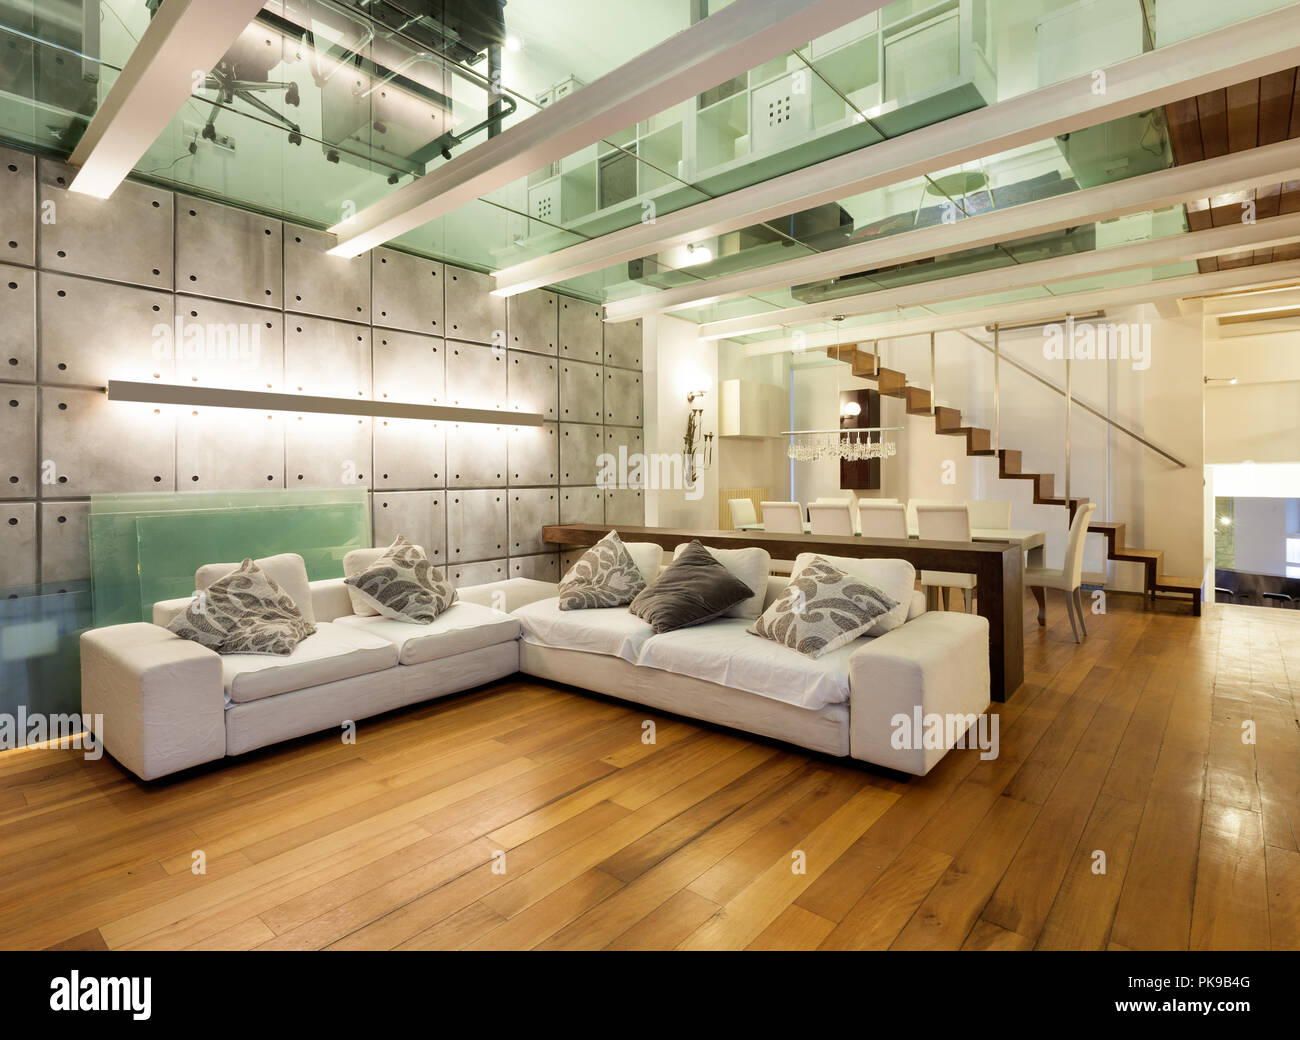 Architektur Grosse Loft Mit Modernen Mobeln Wohnzimmer Stockfoto